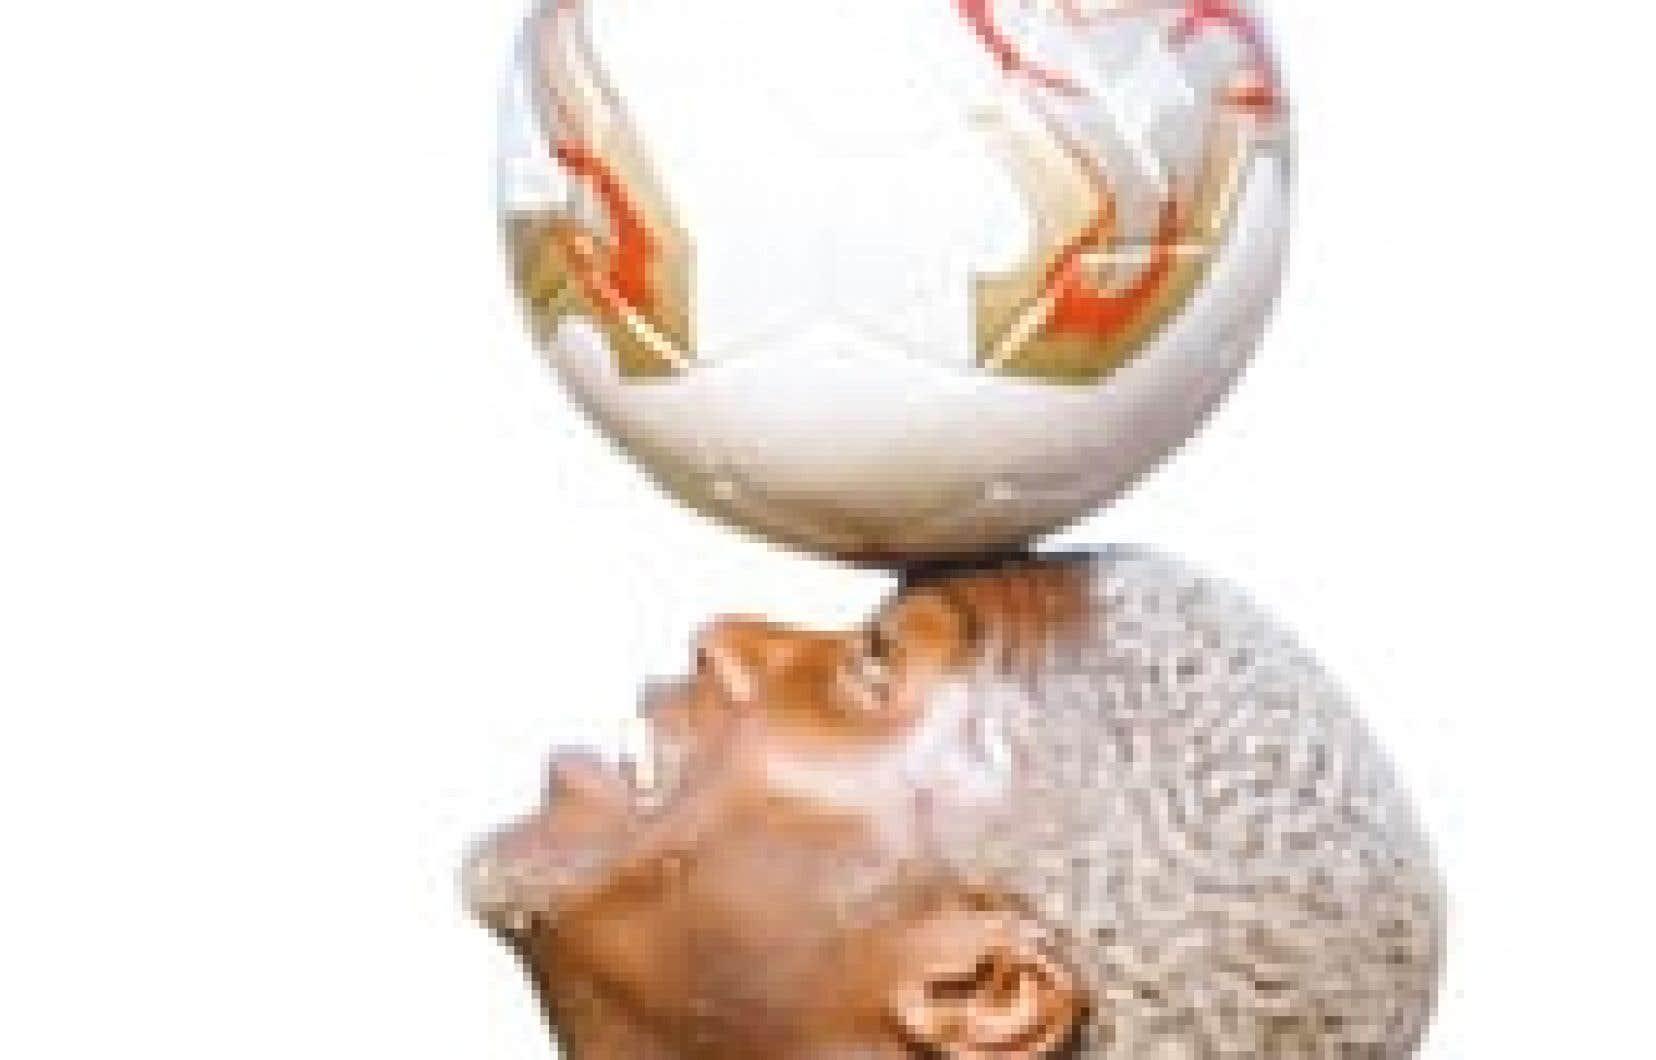 Les Bleus comptent dans leurs rangs le meilleur buteur de la Premier League anglaise, du Calcio italien et de la première division française, Djibril Cissé.